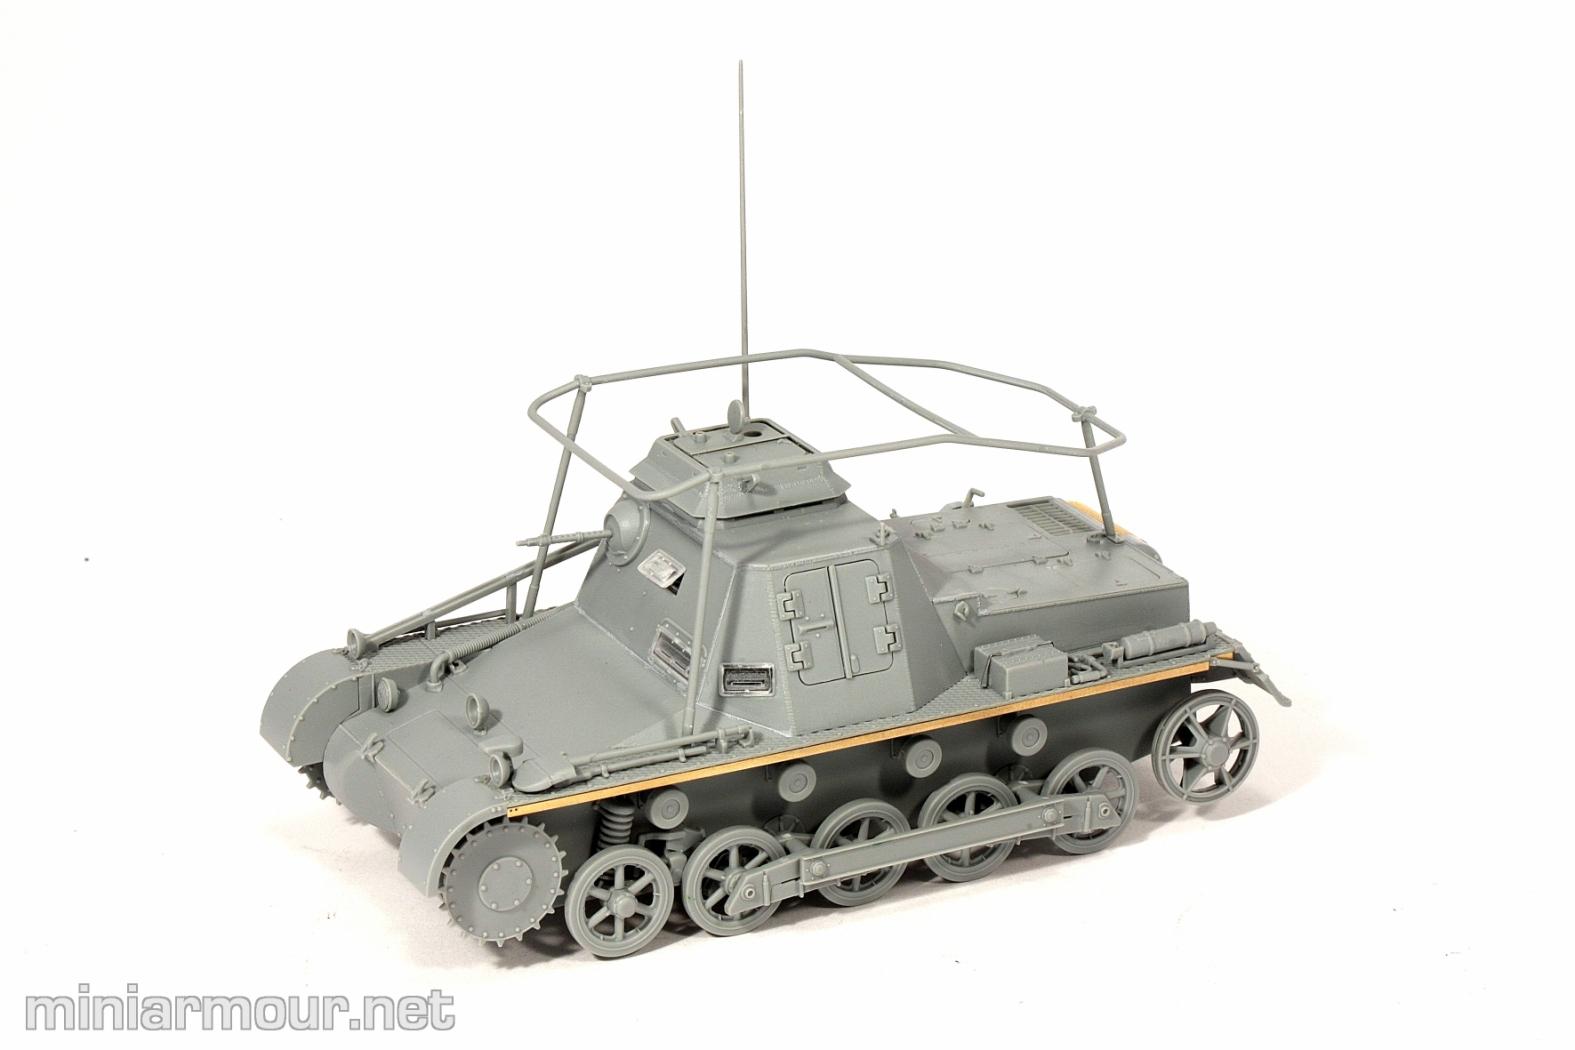 Kleine Panzerbefehlswagen I – Part 1: Construction – MiniArmour